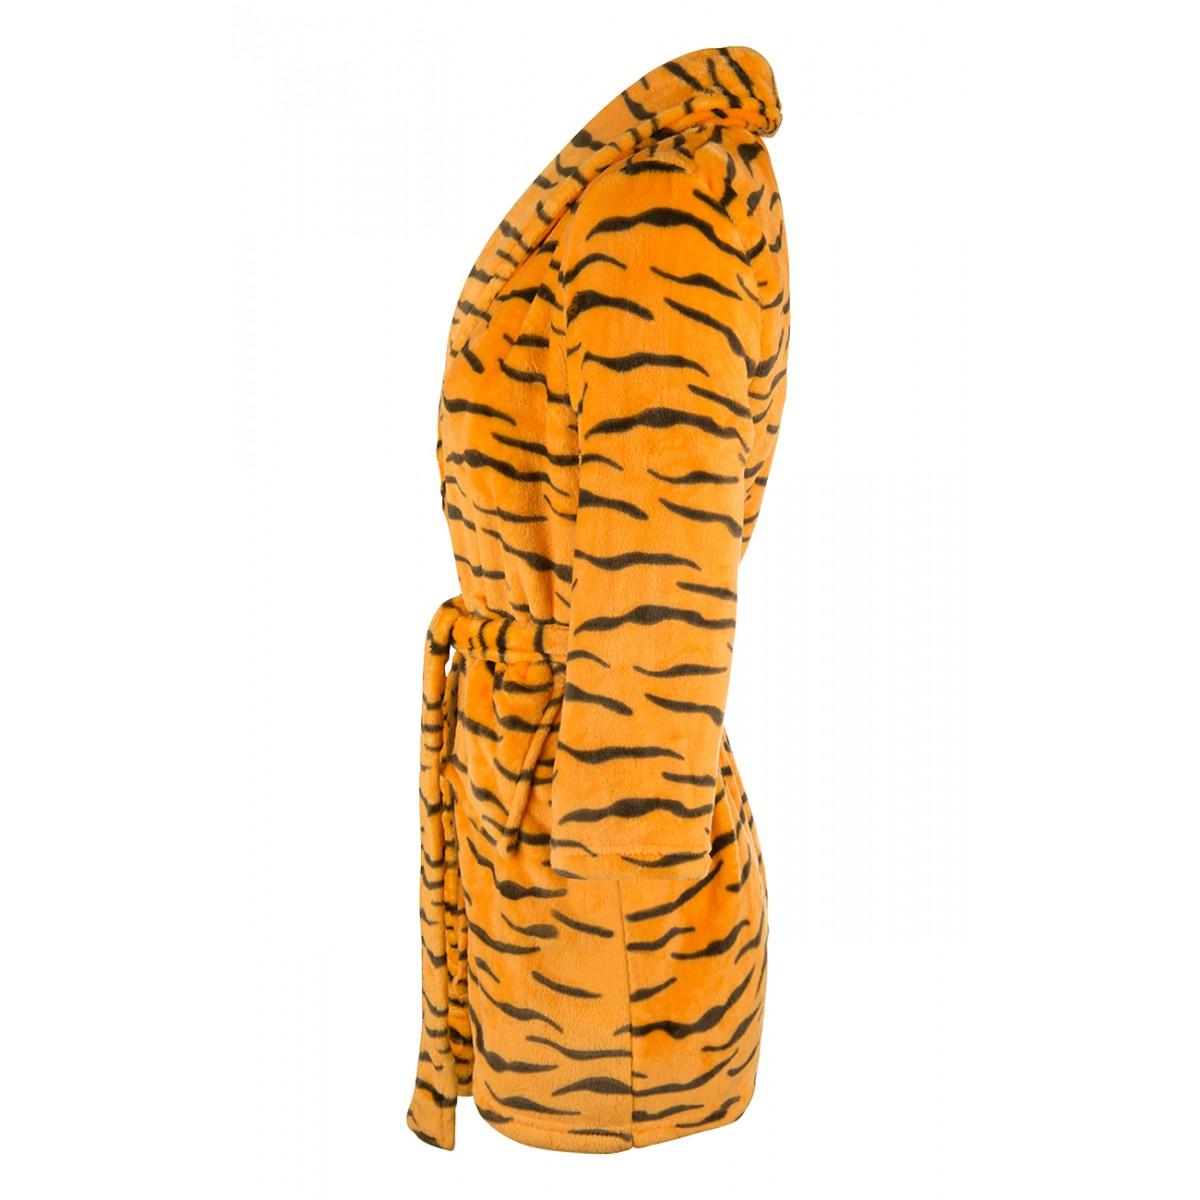 Kinderbadjas tijger